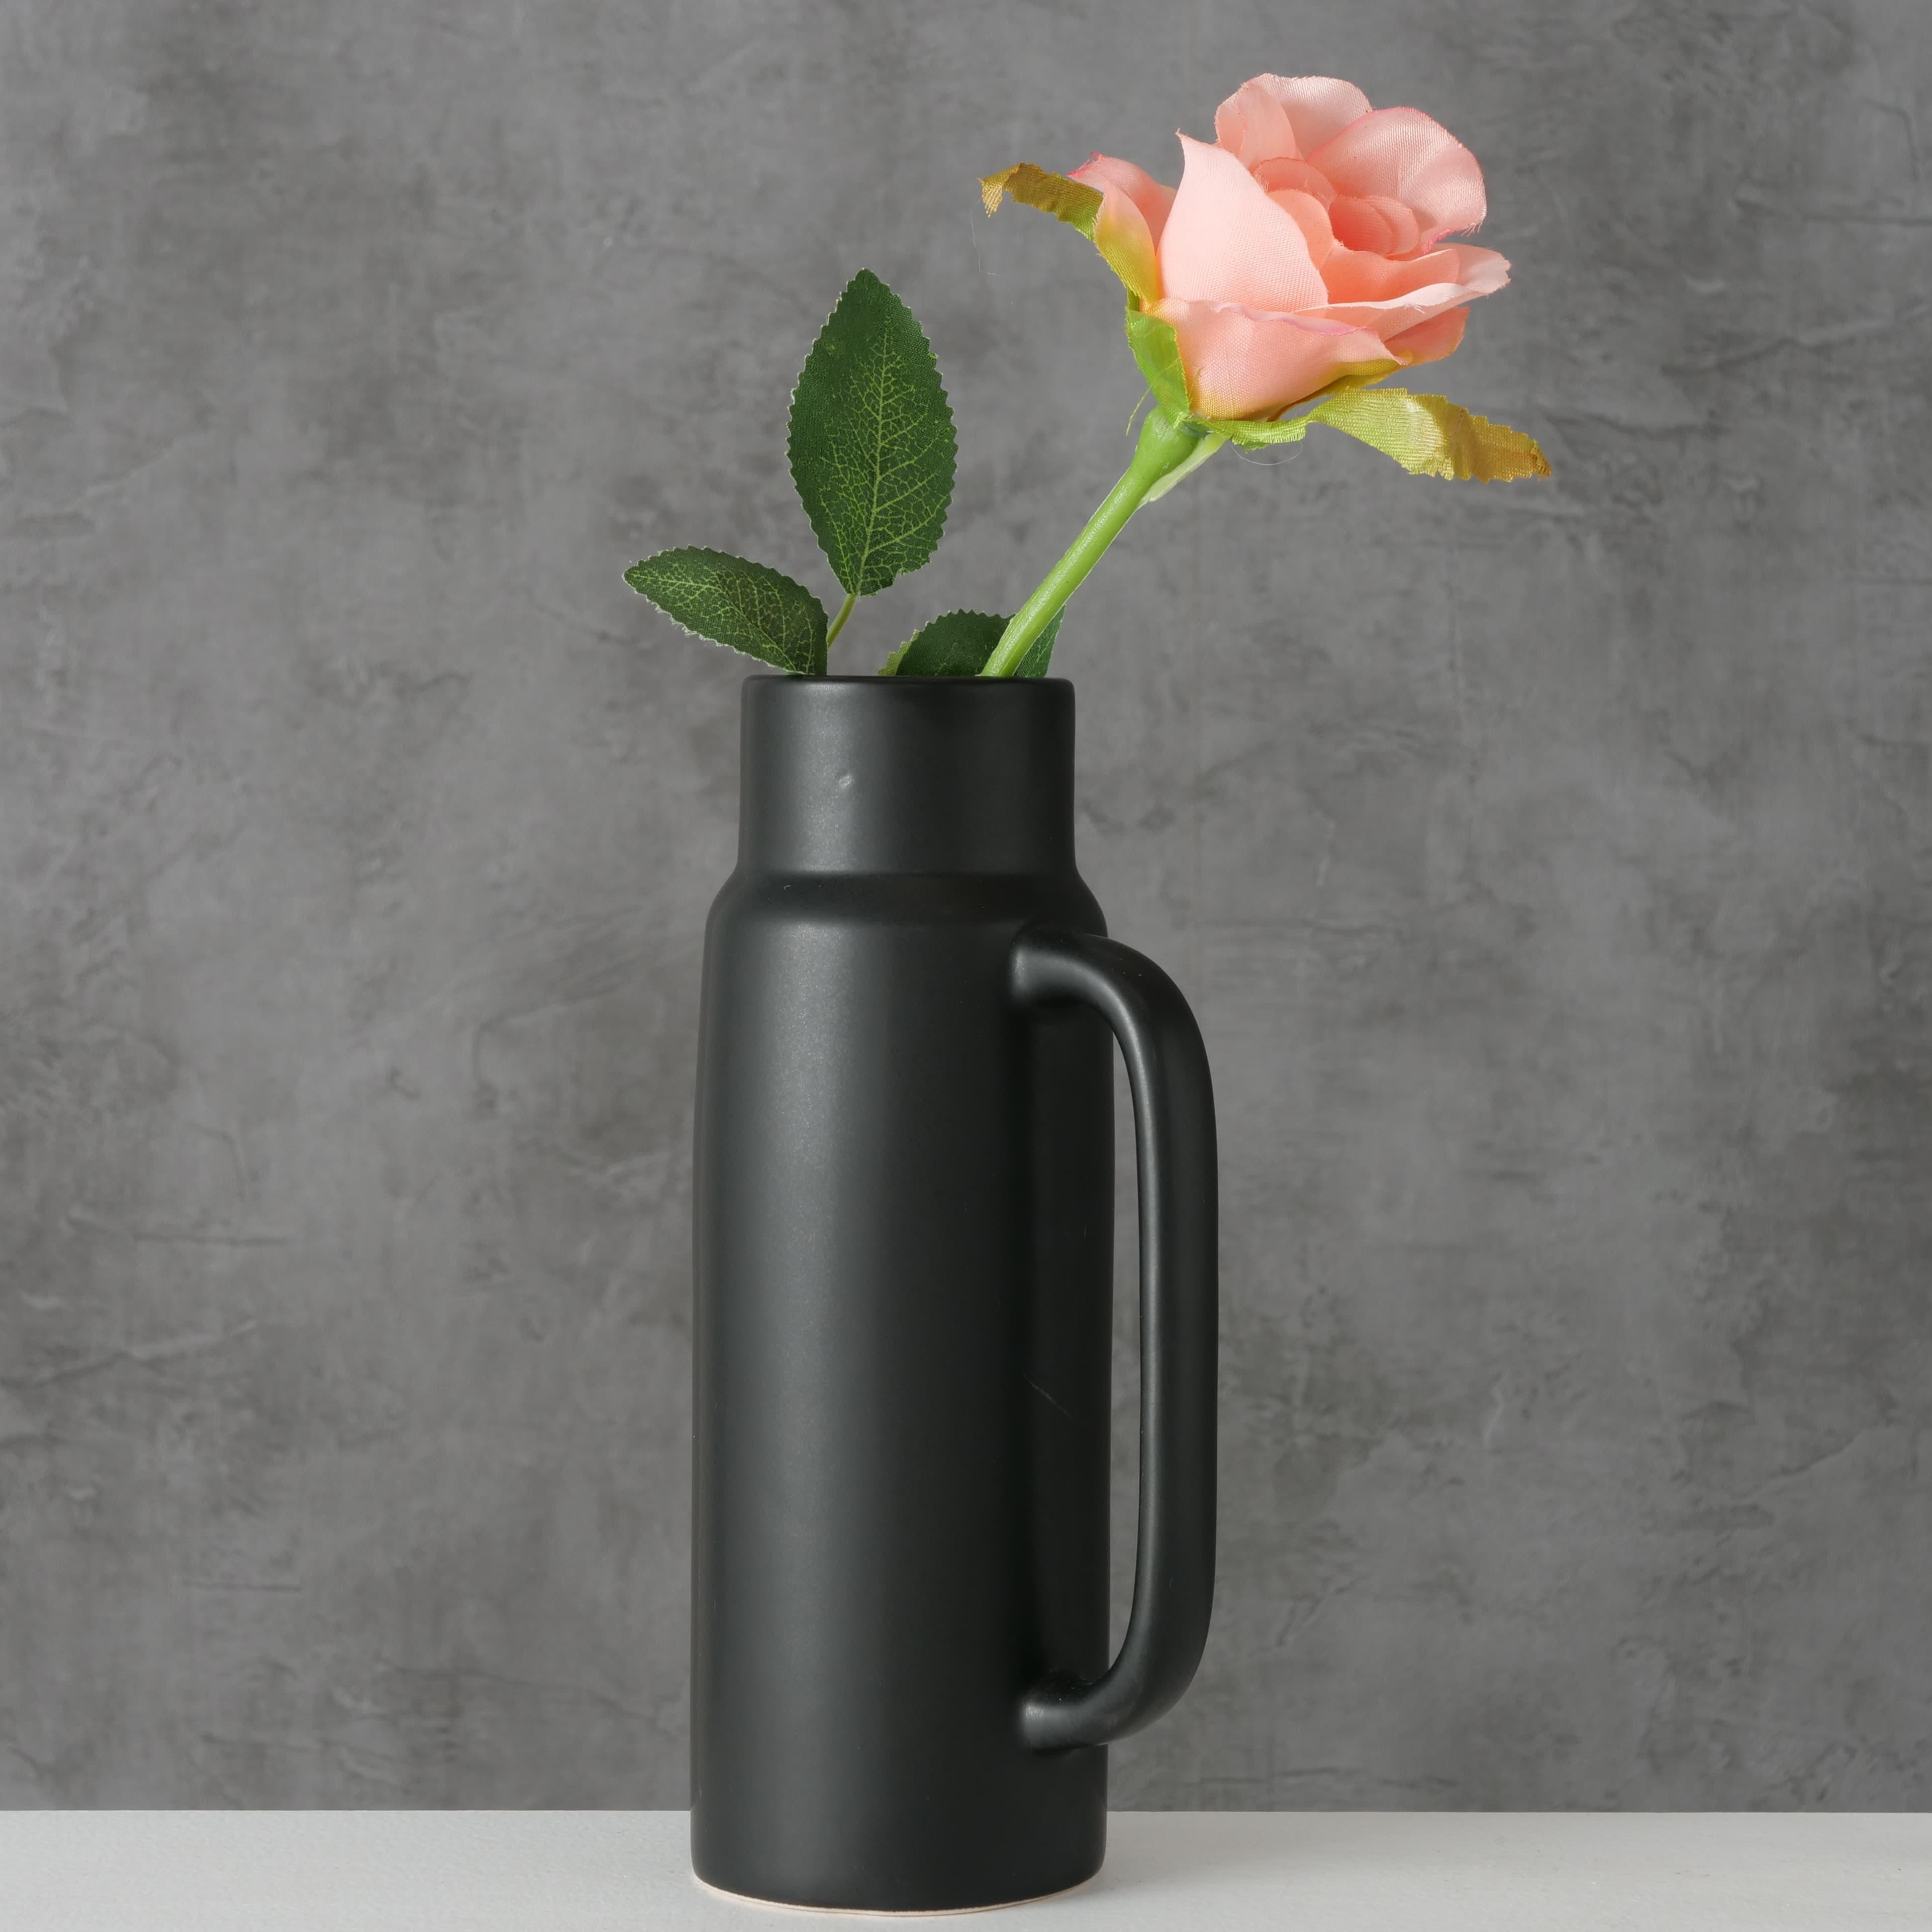 Vaza decorativa din ceramica Pamelo Negru, L10xl7xH21 cm poza